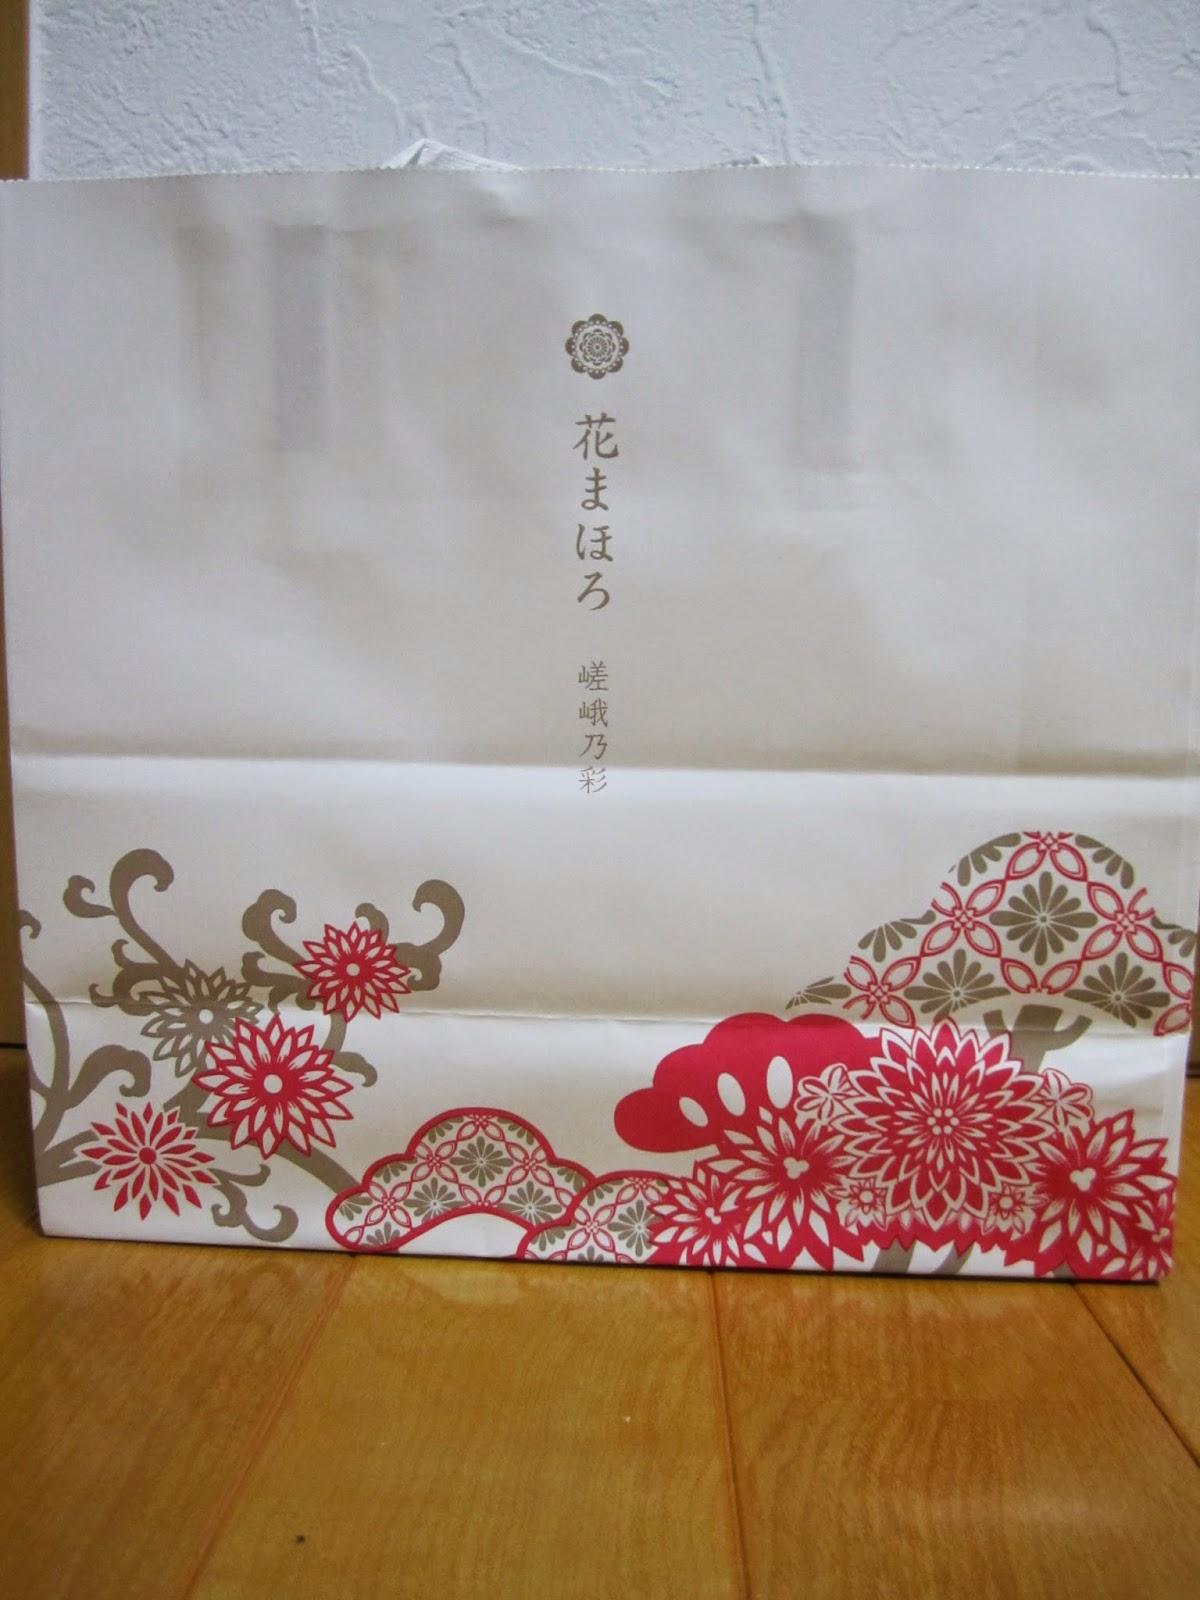 Hanamahoro Saganoaya 2015 Bag Design 花まほろ 嵯峨乃彩 紙袋